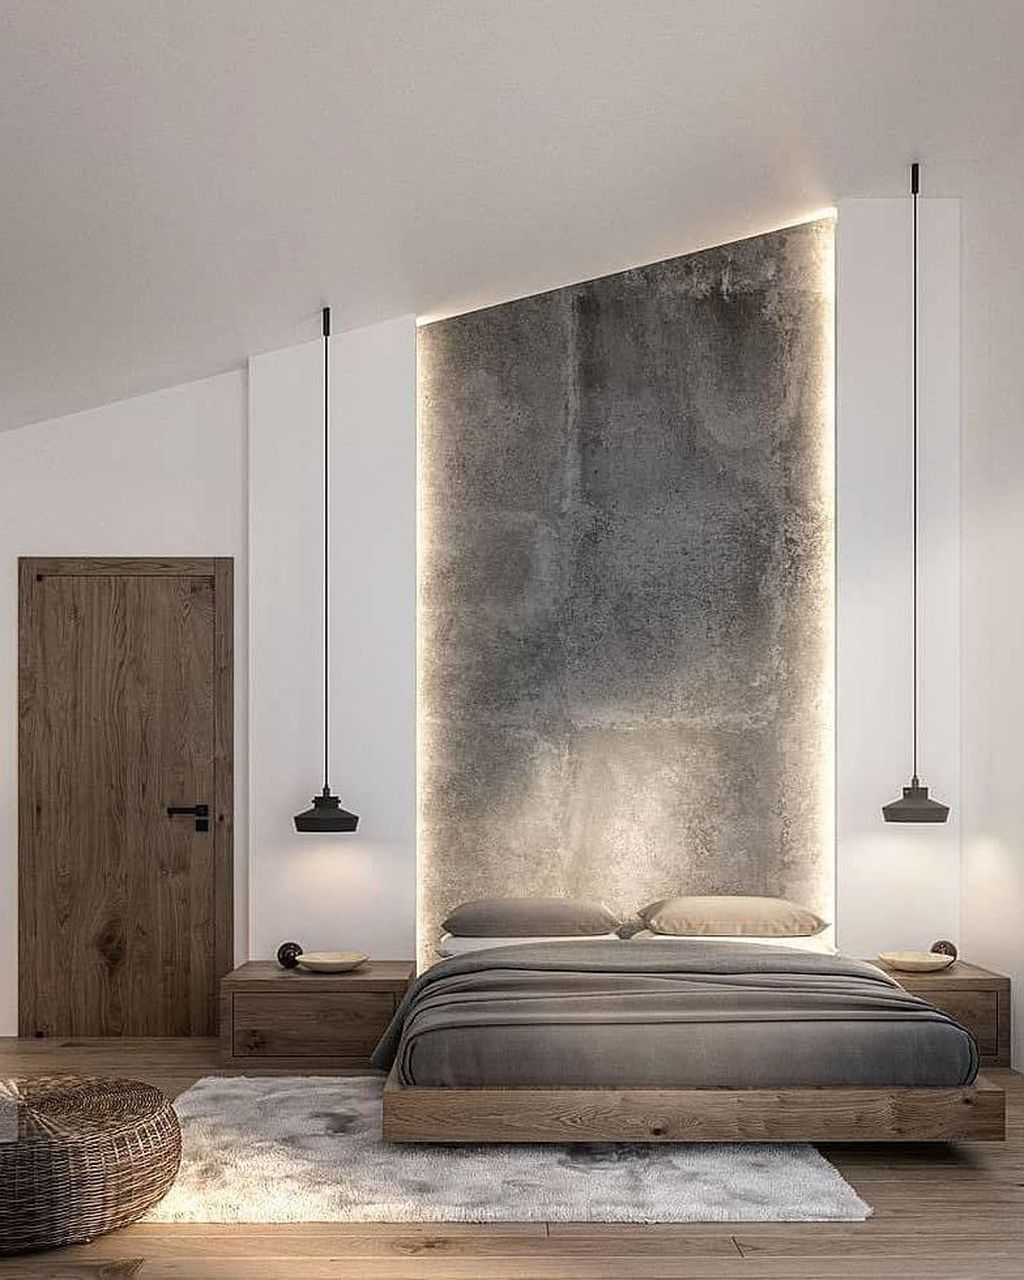 Amazing Texture Interior Design Ideas 19